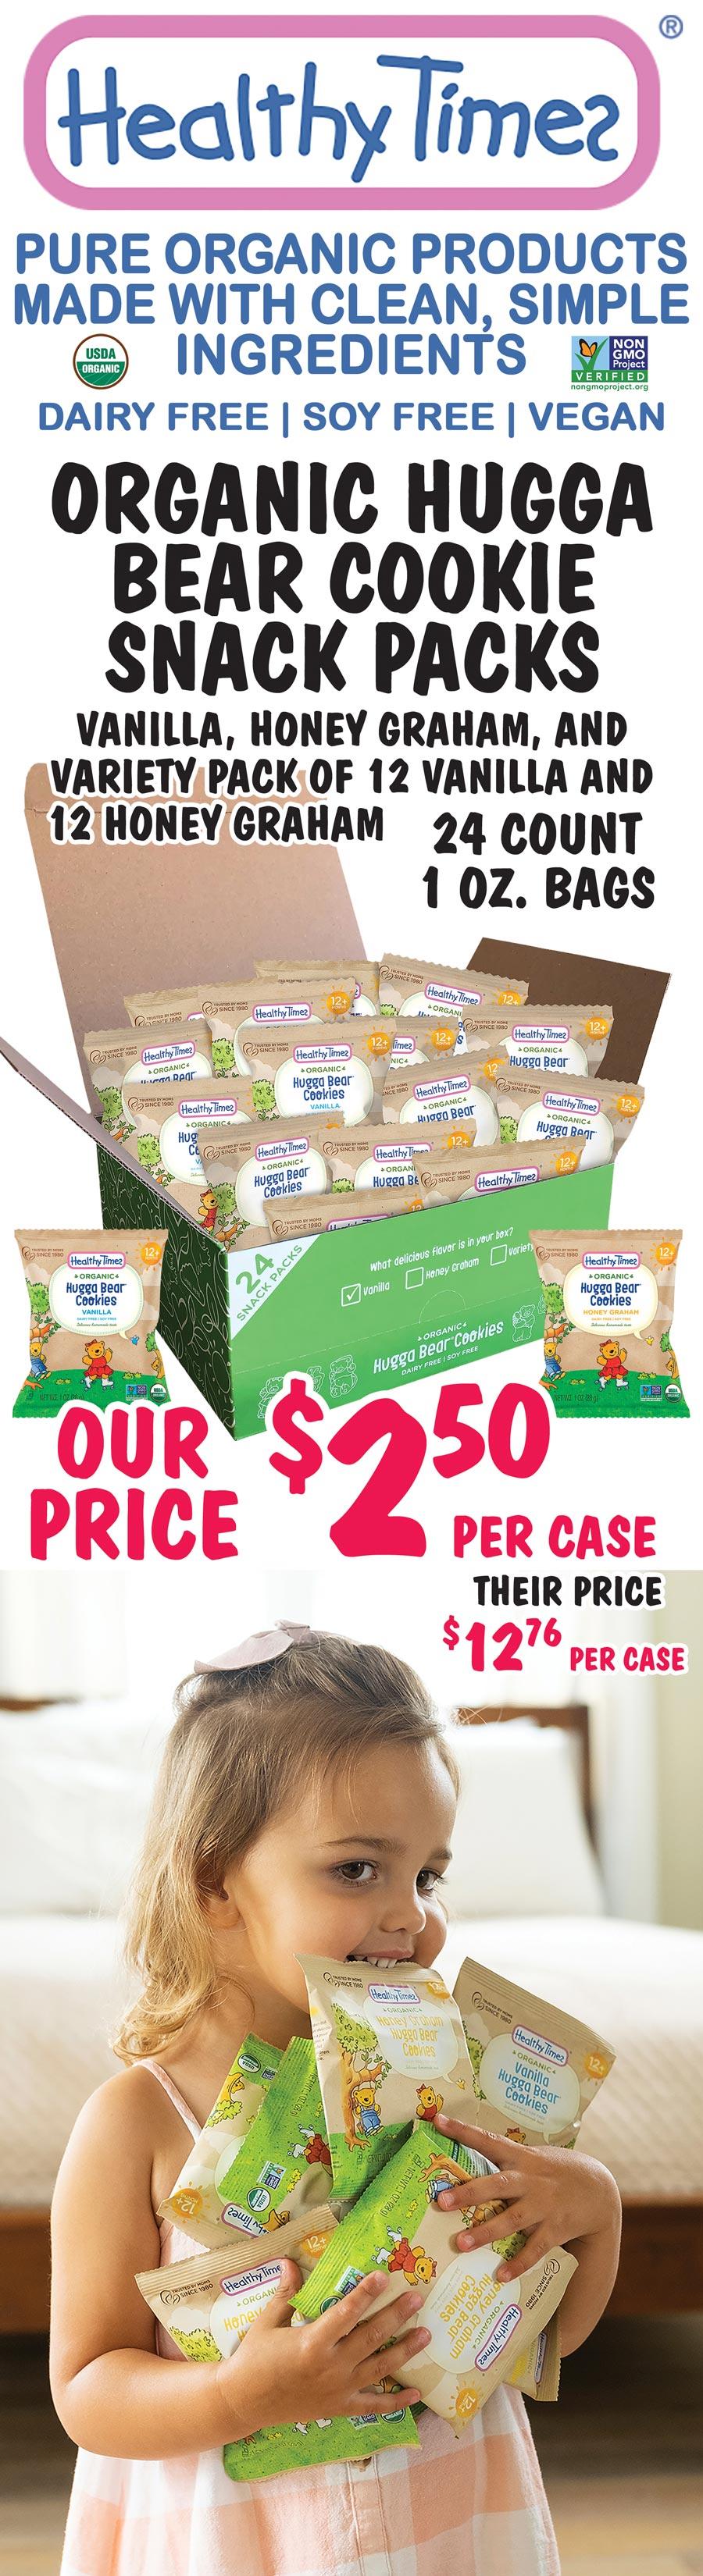 Healthy Times Organic Cookie Snack Packs - $2.50 per 24-count case - 3 Varieties